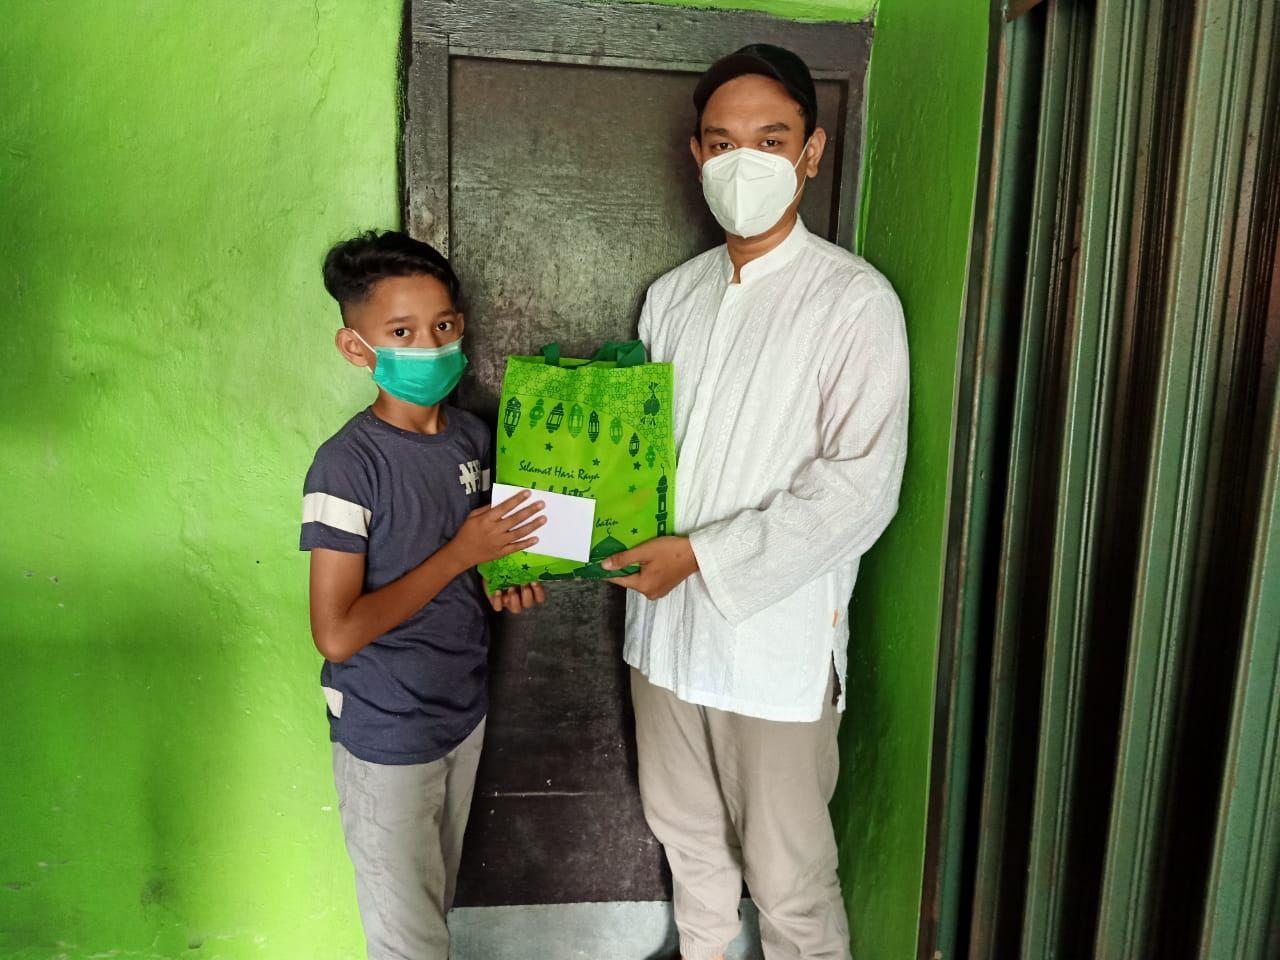 Pembagian Paket Sembako untuk Anak Yatim